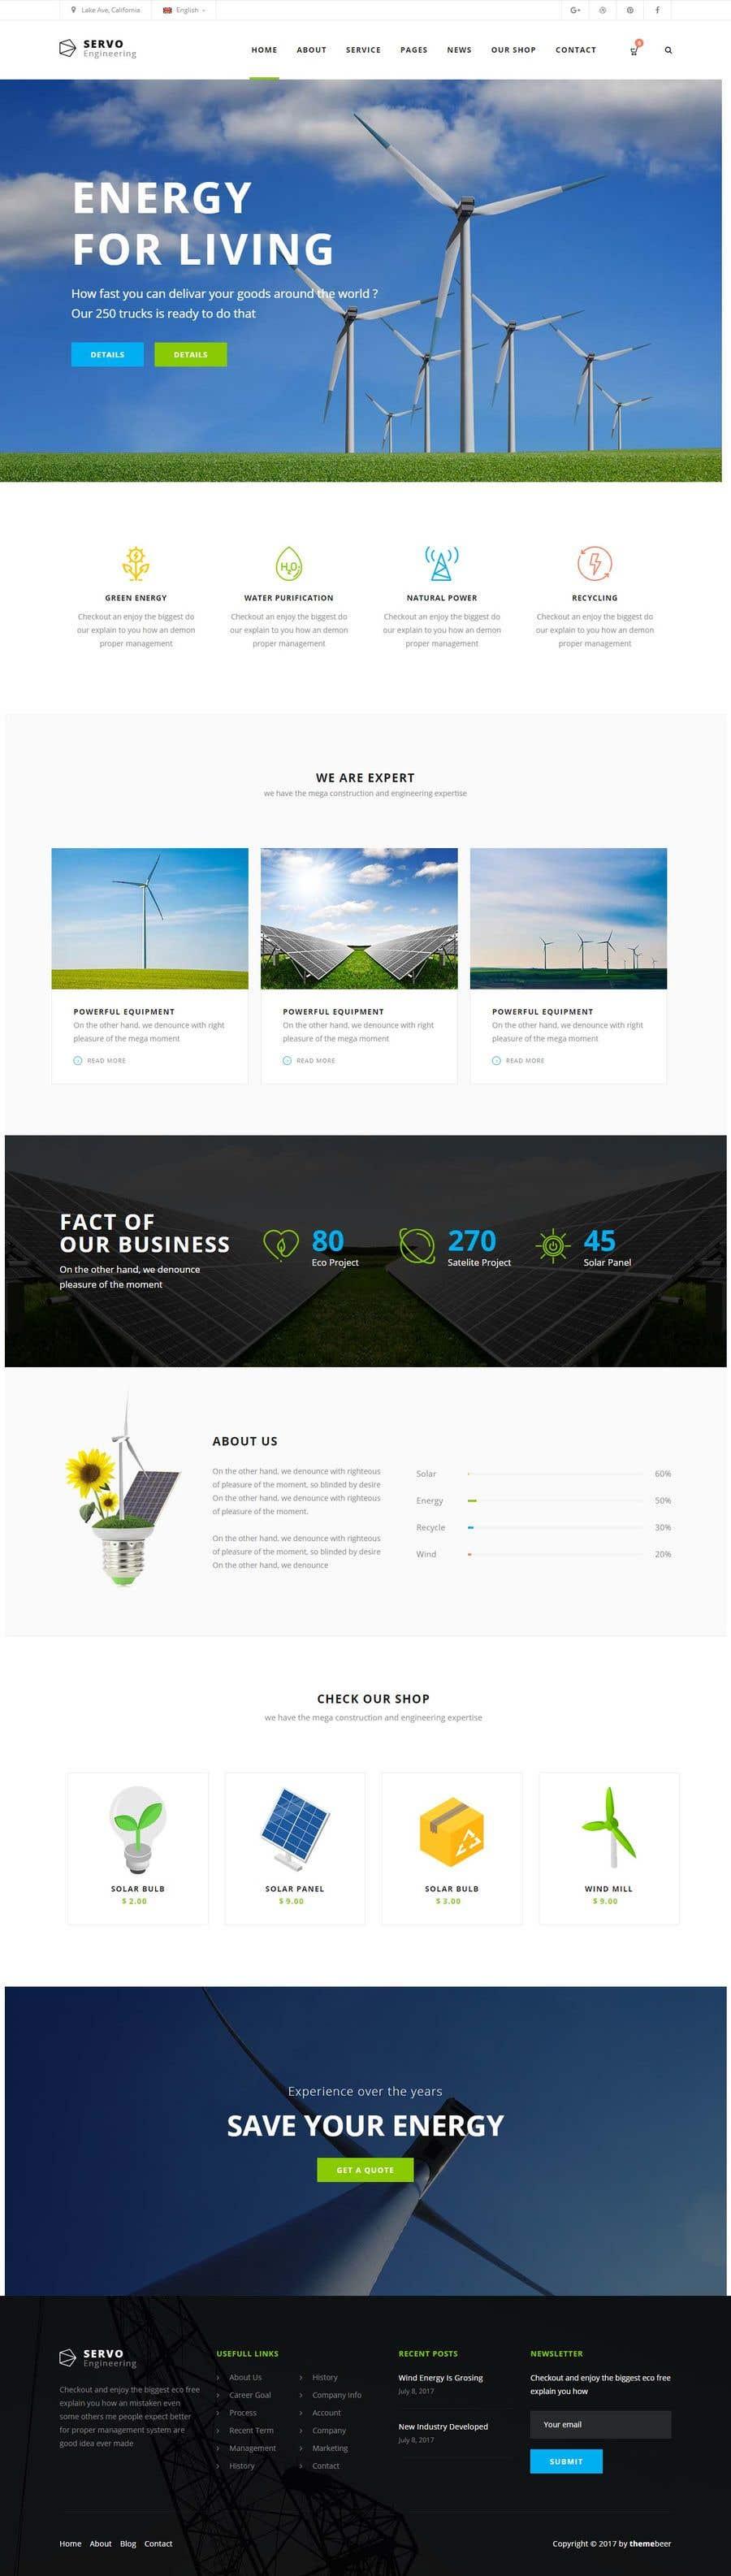 Penyertaan Peraduan #9 untuk wordpress theme design for battery and lighting subject